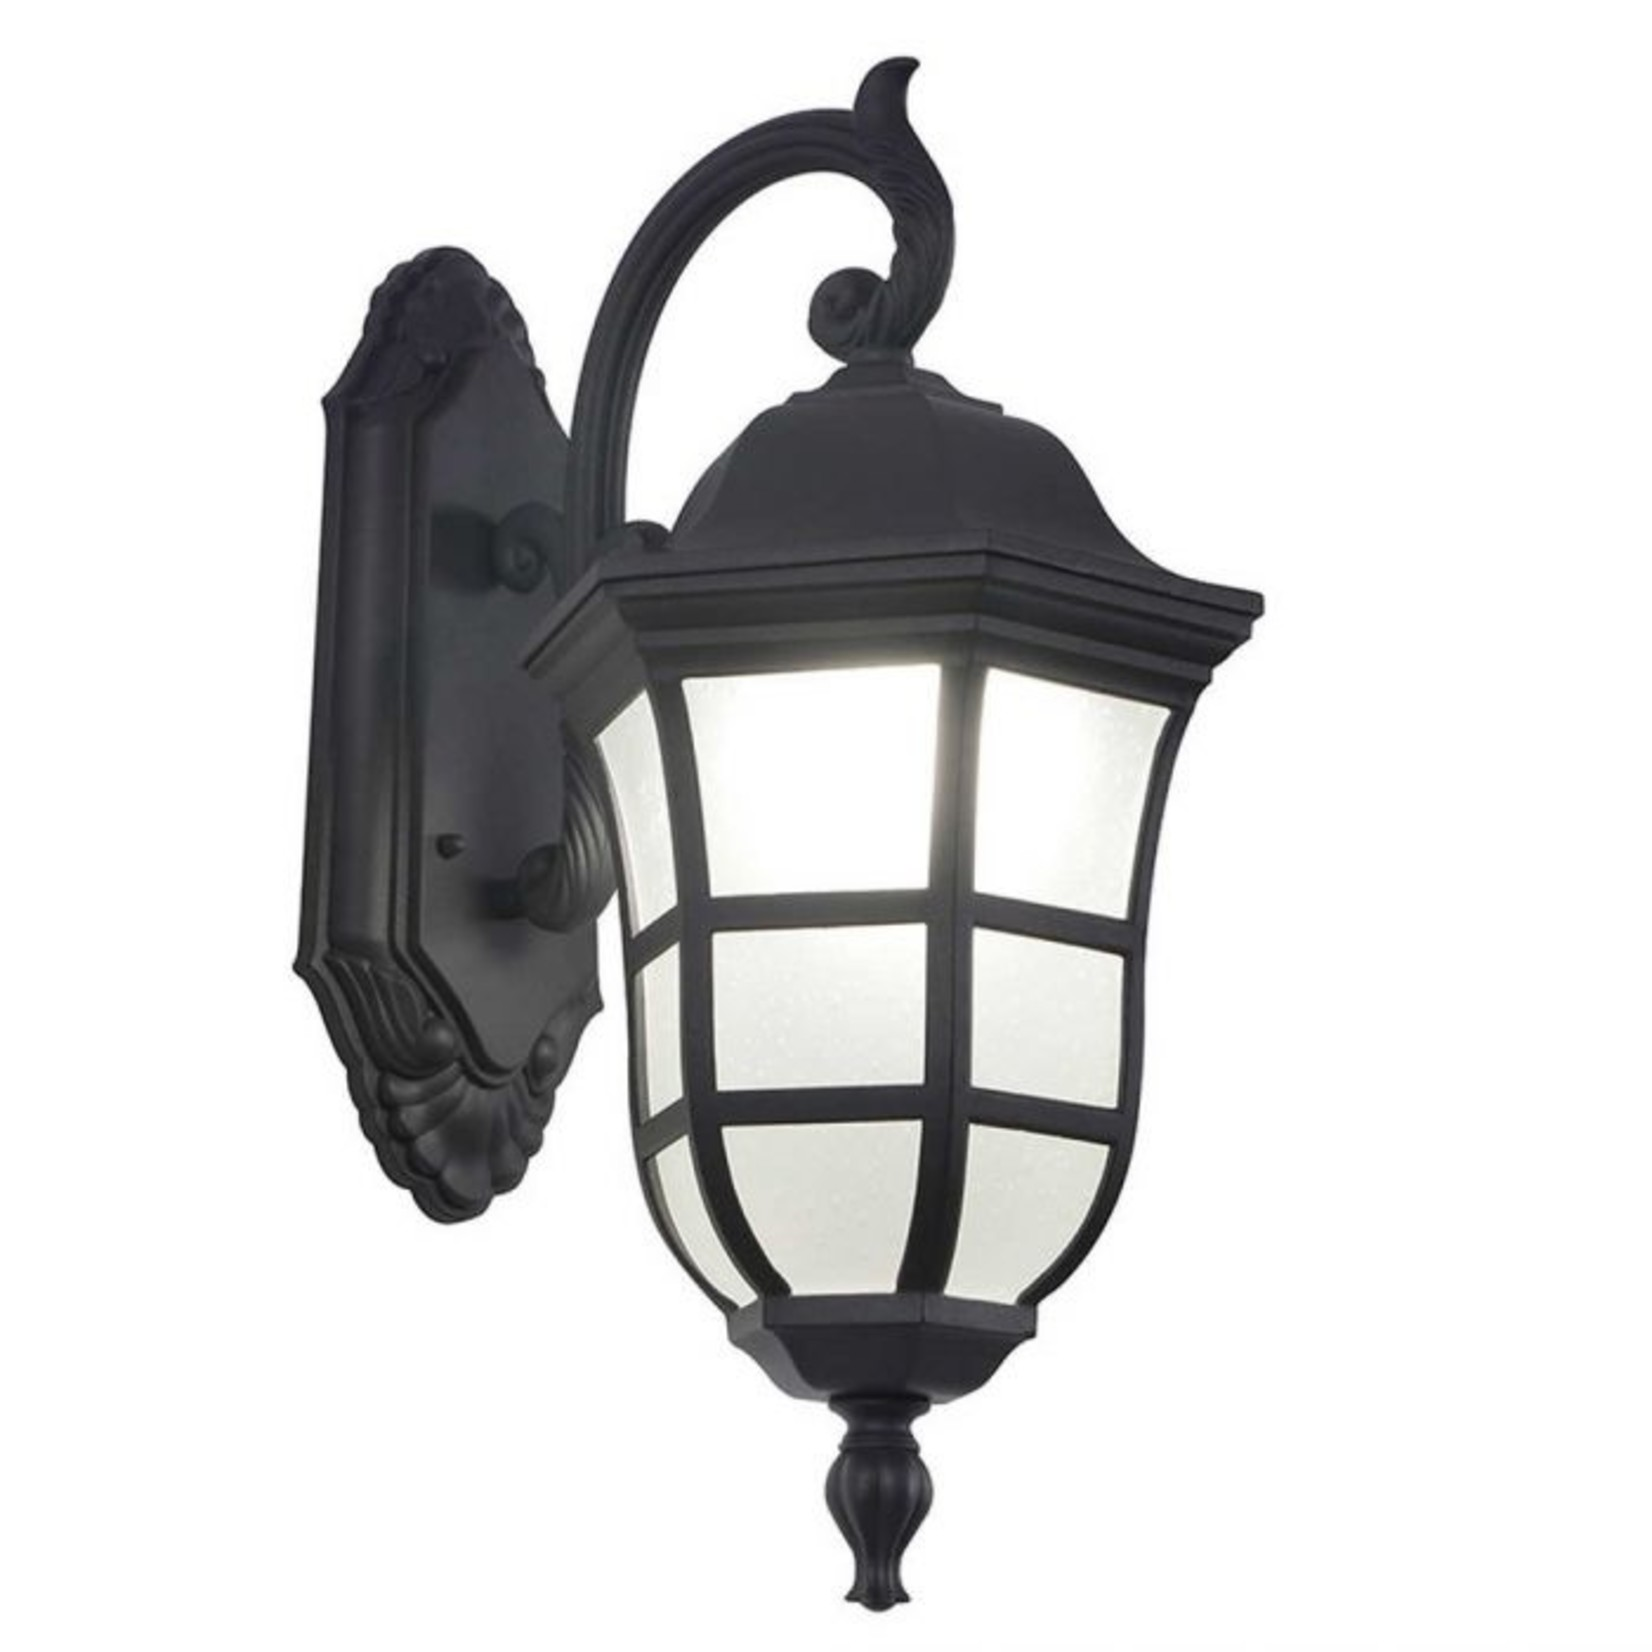 Ove Milton Coach gray outdoor light